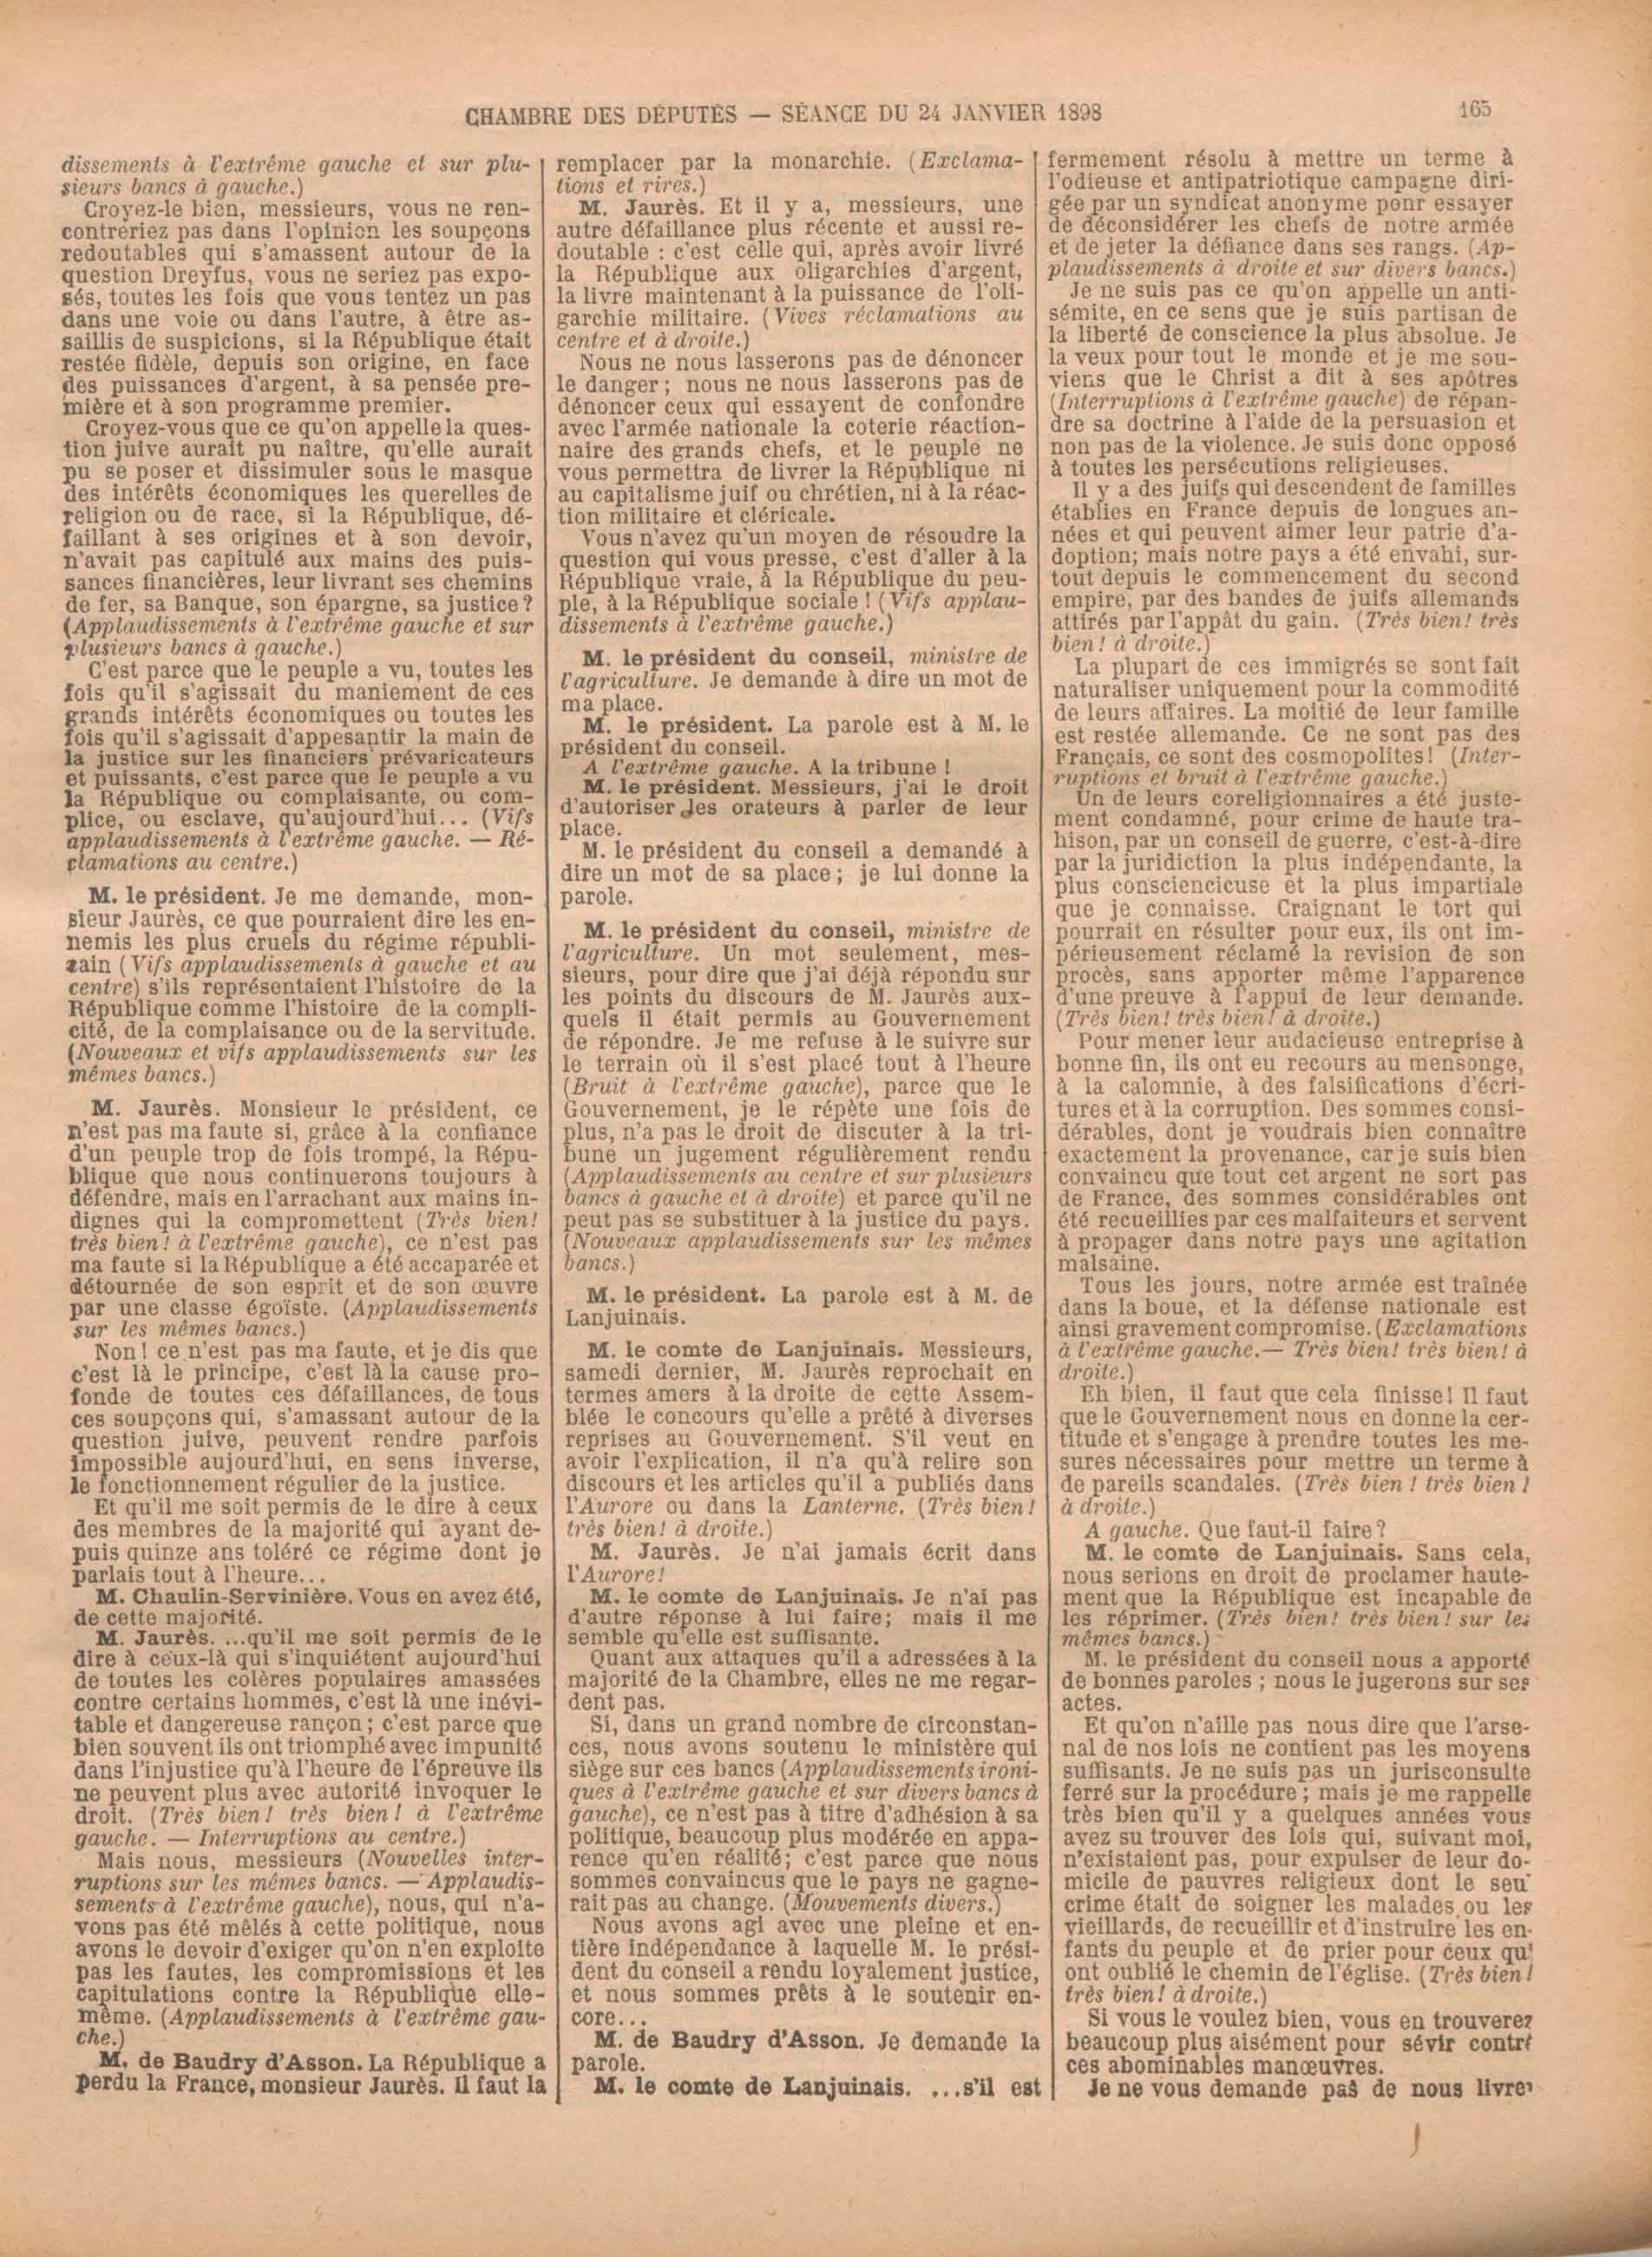 http://expo-paulviollet.univ-paris1.fr/wp-content/uploads/2017/09/Journal_officiel_de_la_République_séance-du-lundi-24-janvier-1898_Page_05.jpg